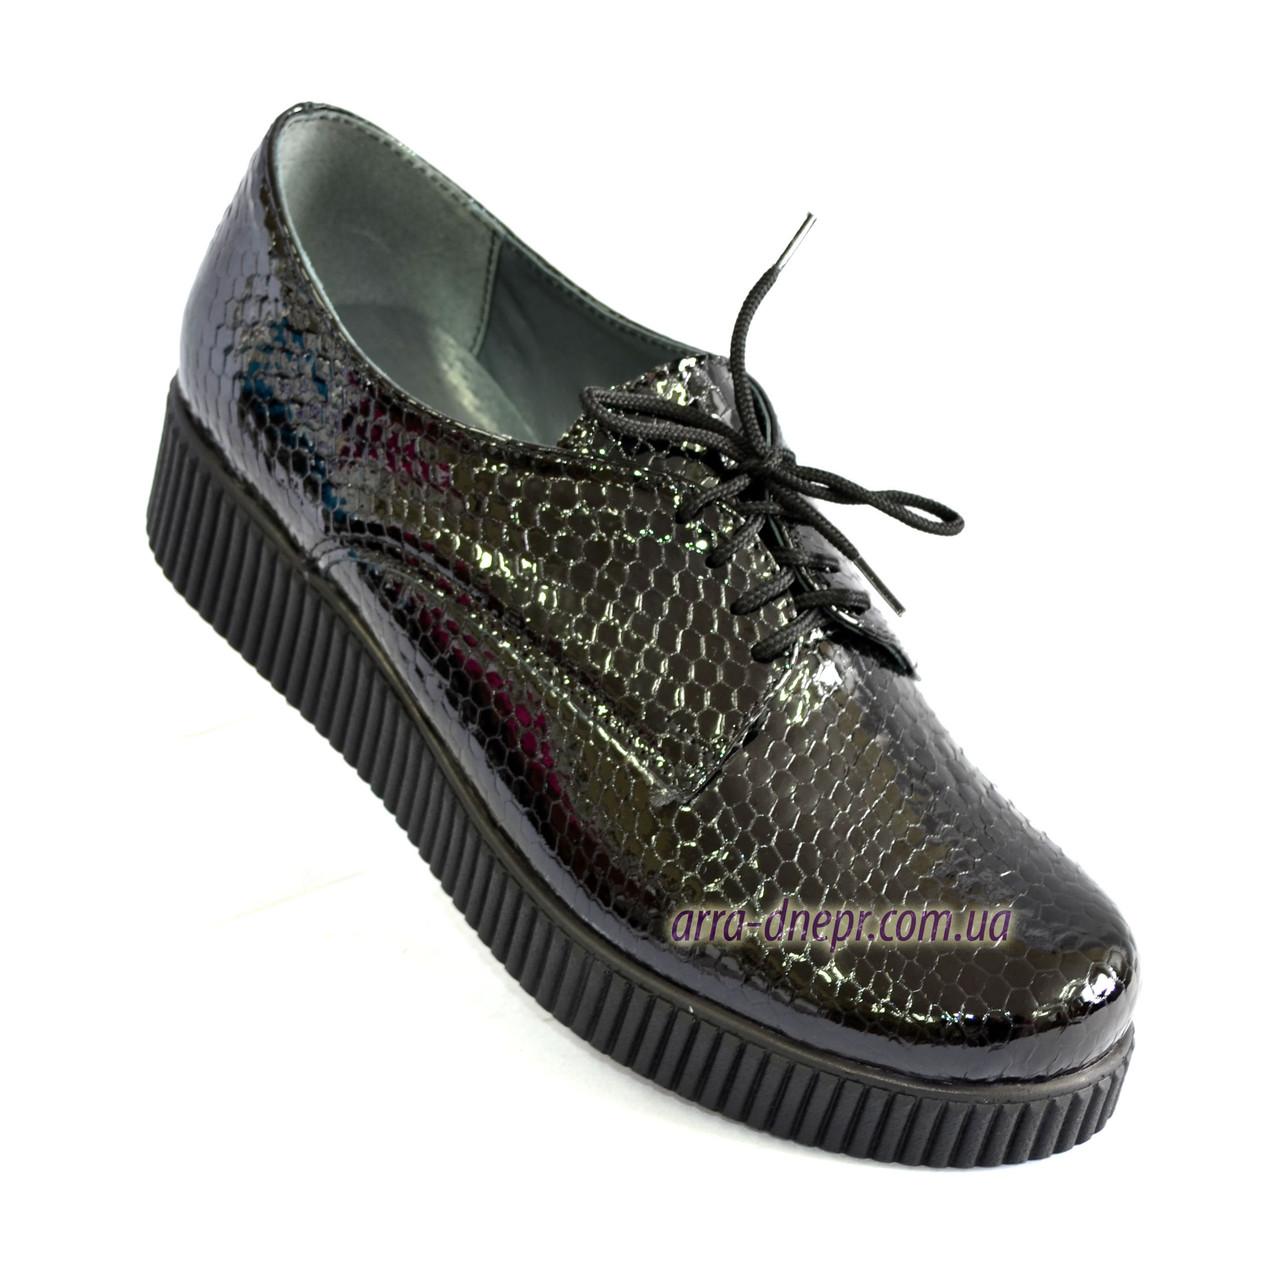 Женские туфли на утолщенной подошве, на шнуровке, натуральная кожа с тиснением питон.